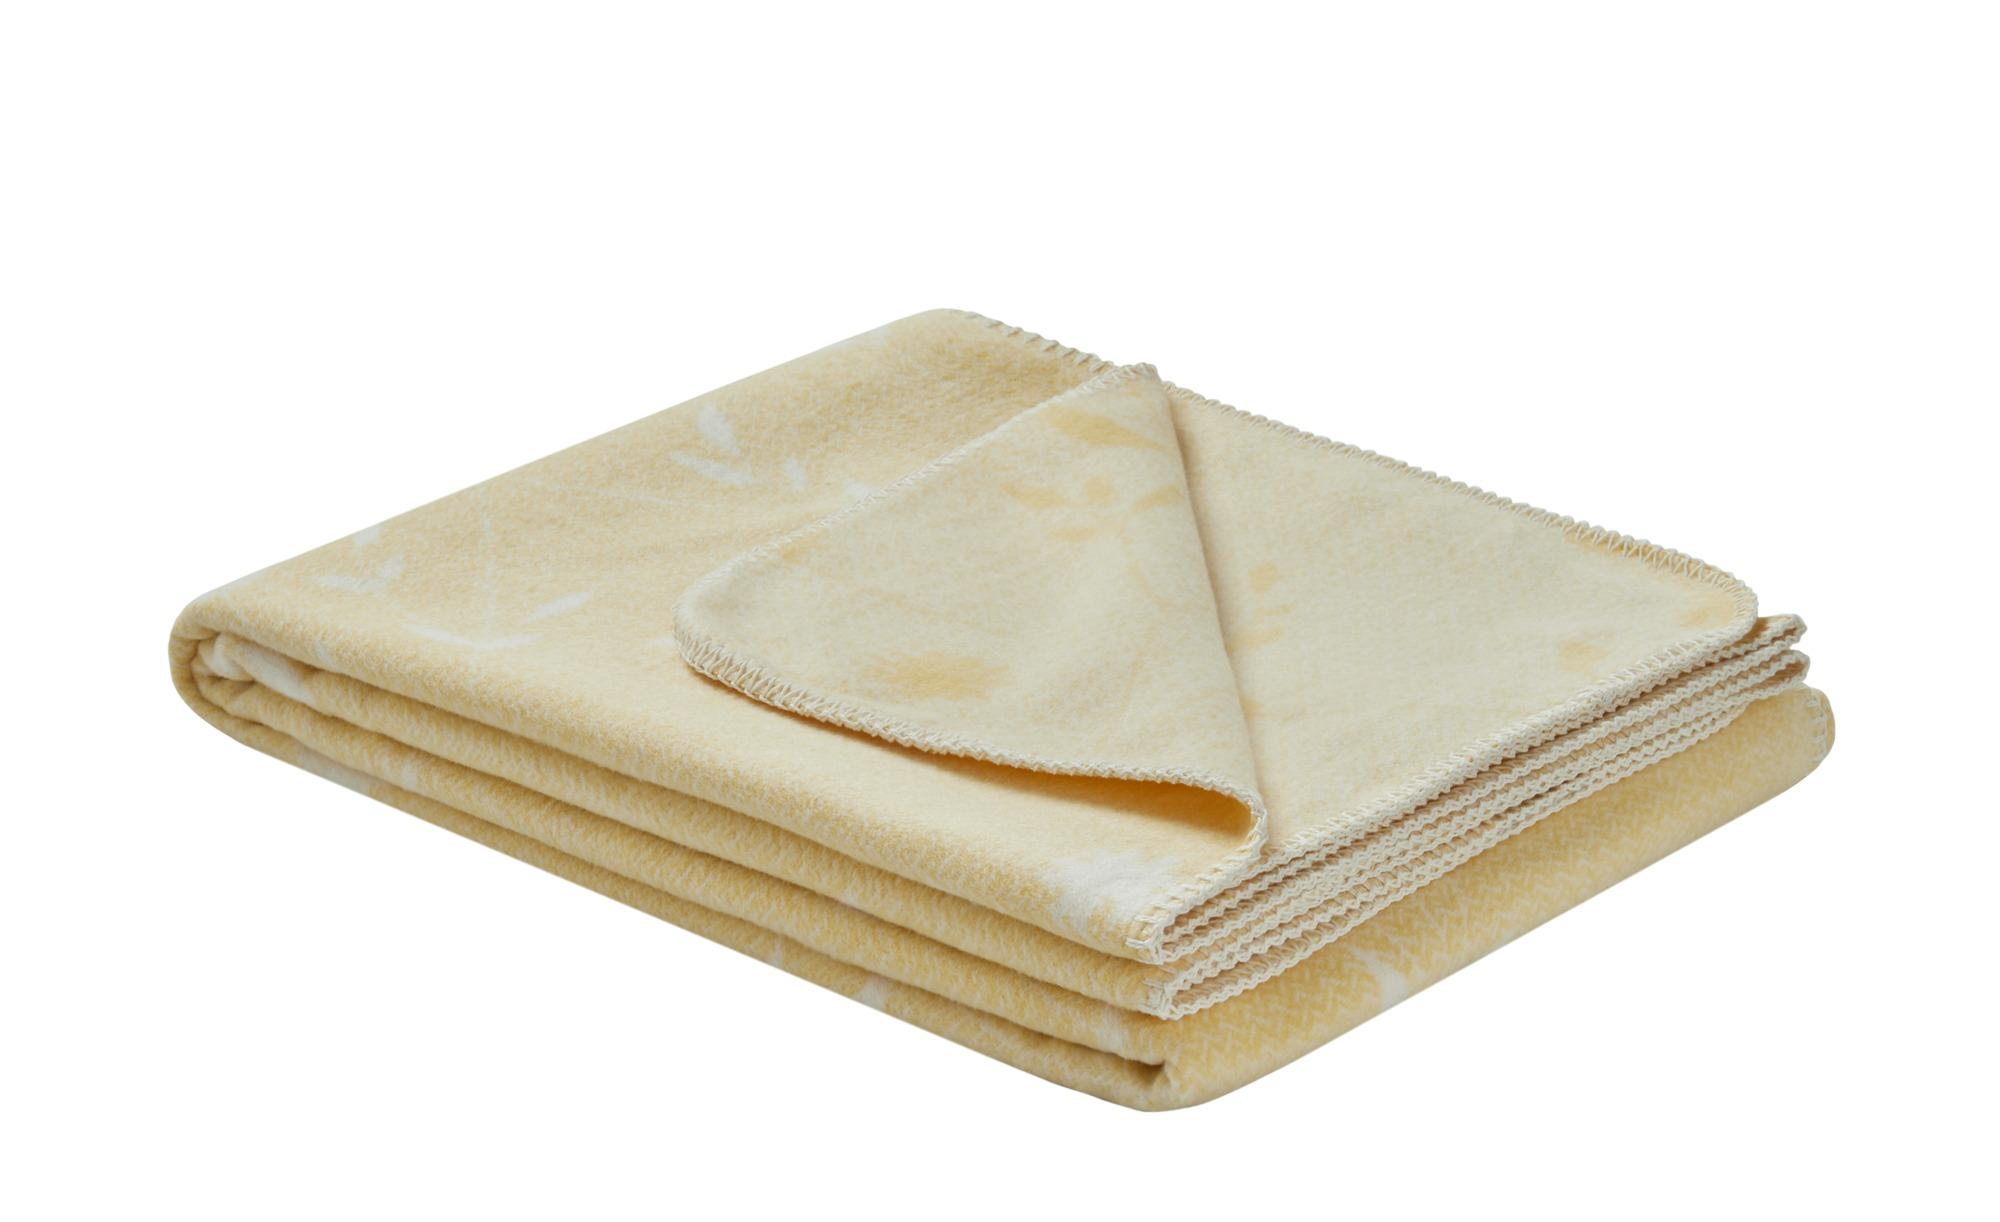 Biederlack Wohndecke  Sun Kissed ¦ gelb ¦ 50% Baumwolle, 43% Polyacryl, 7% günstig online kaufen